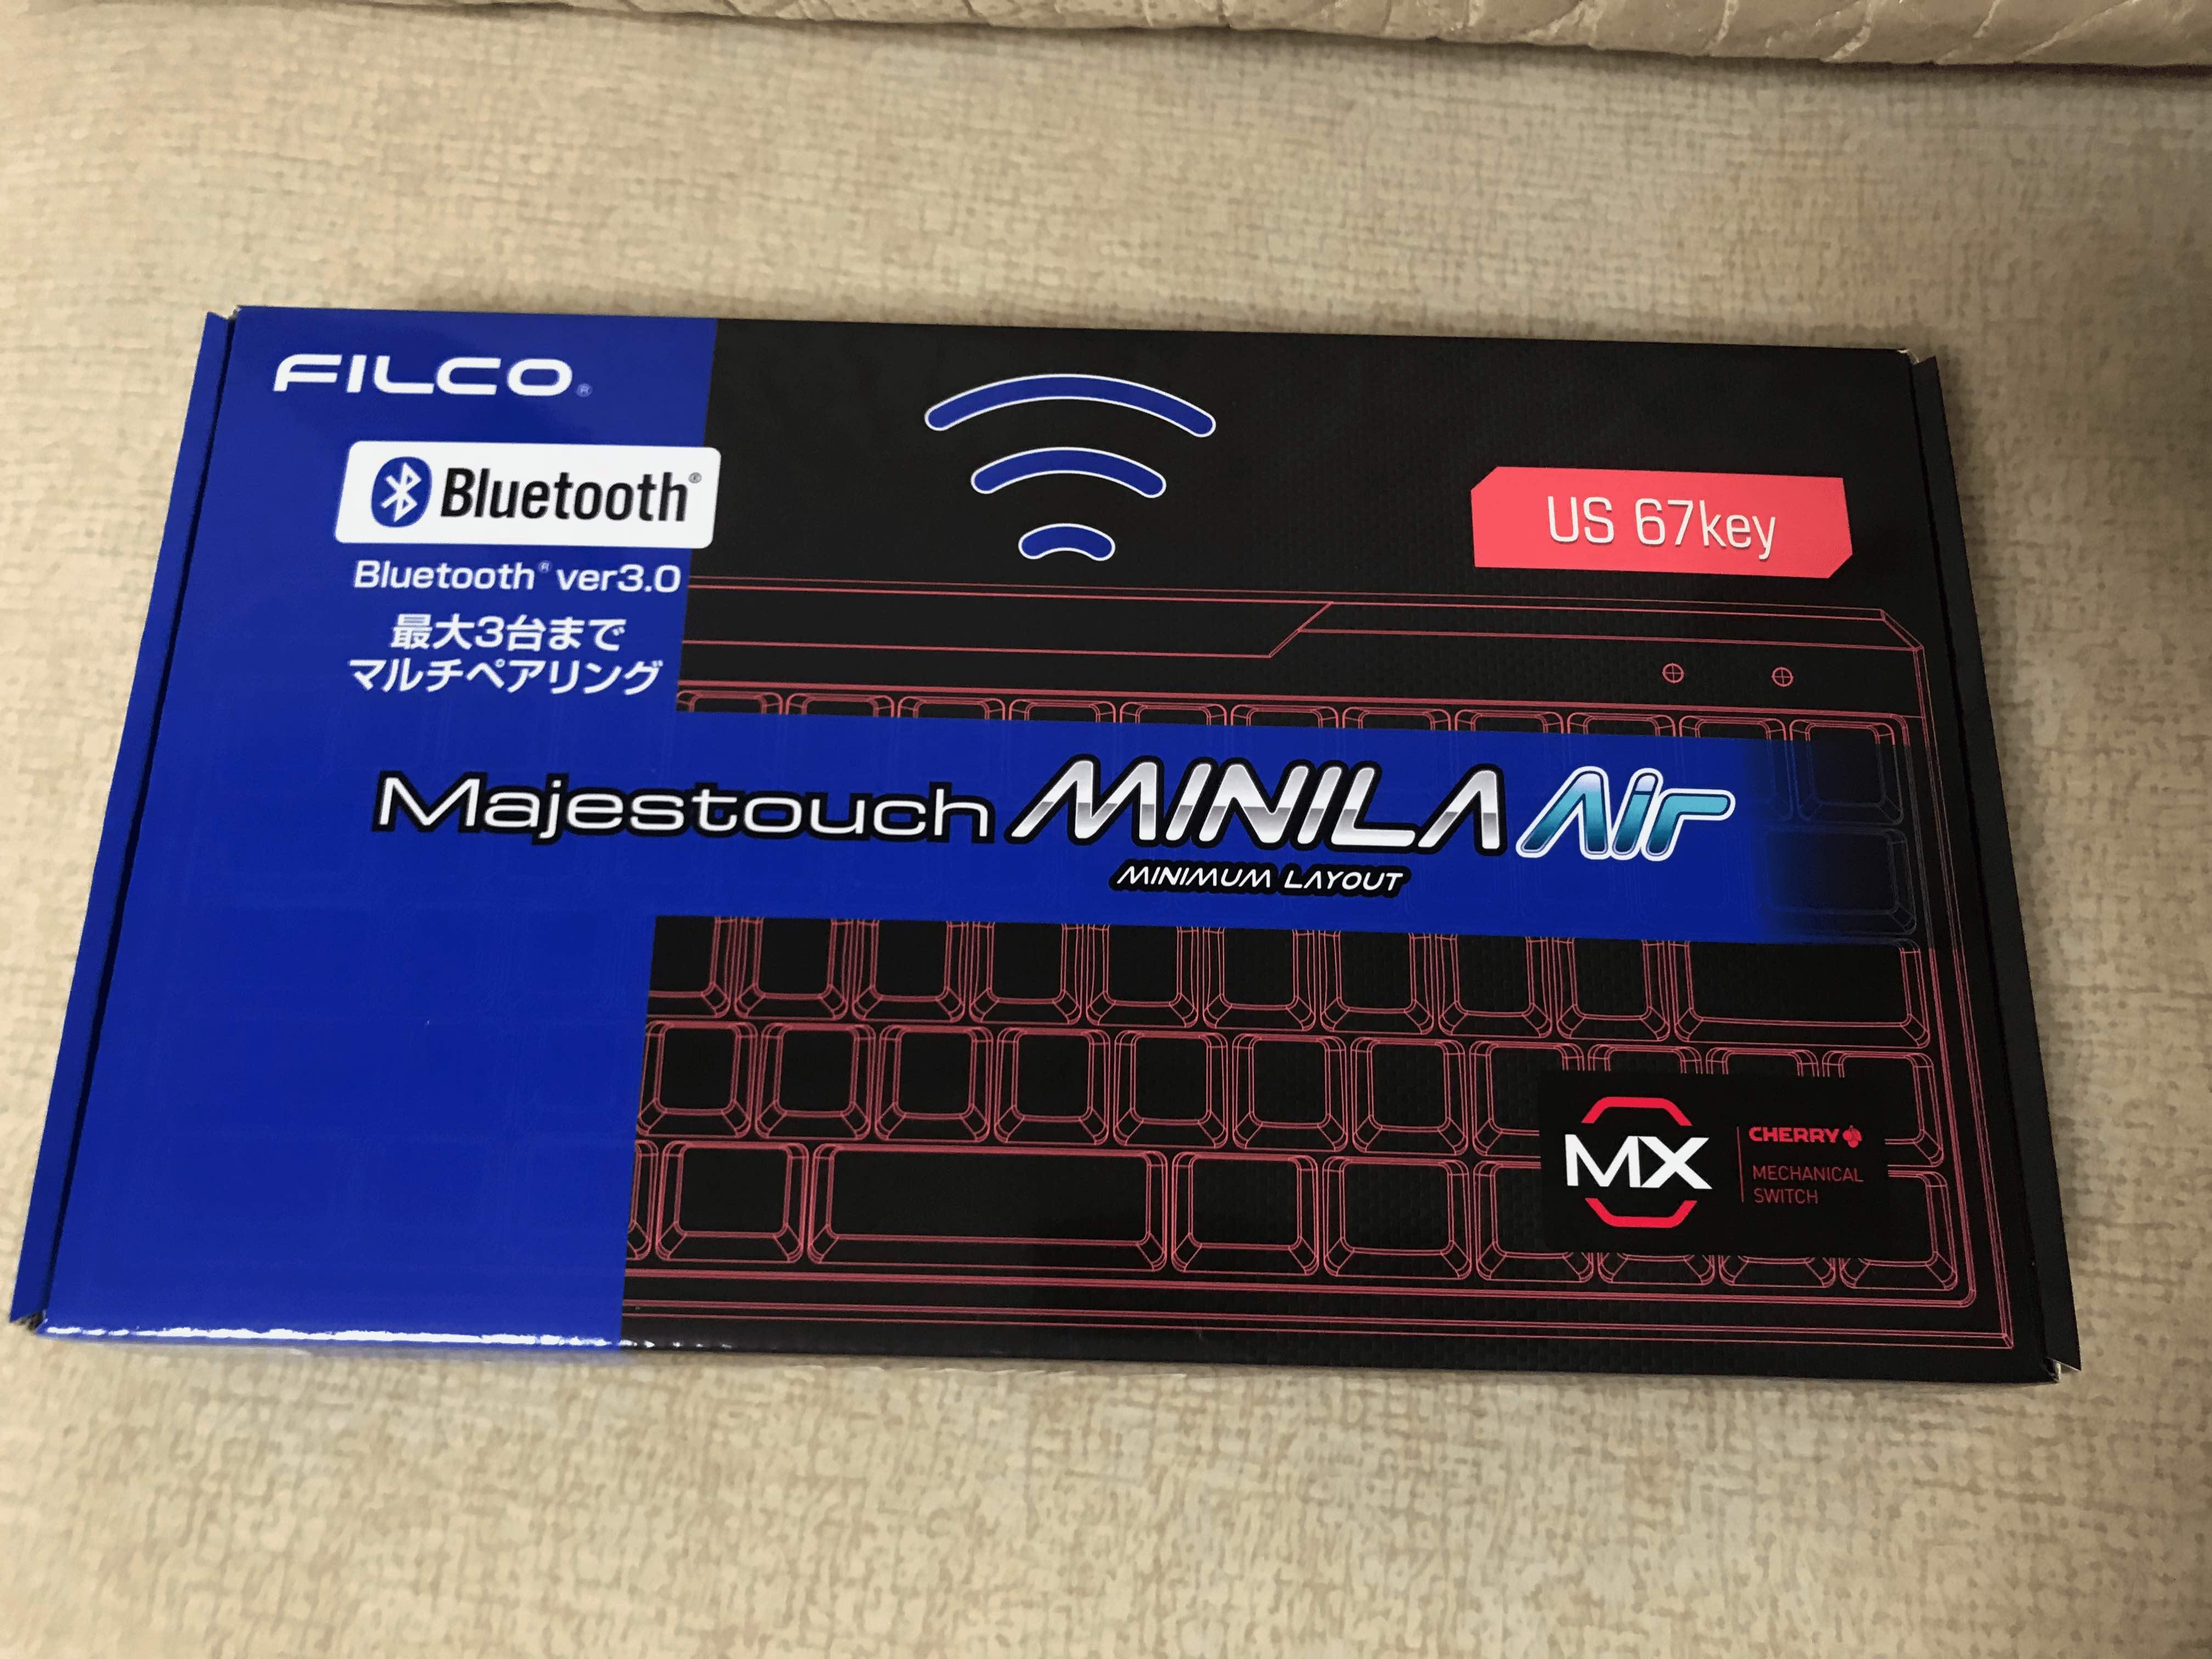 《新年礼物:Filco minila air 红轴》